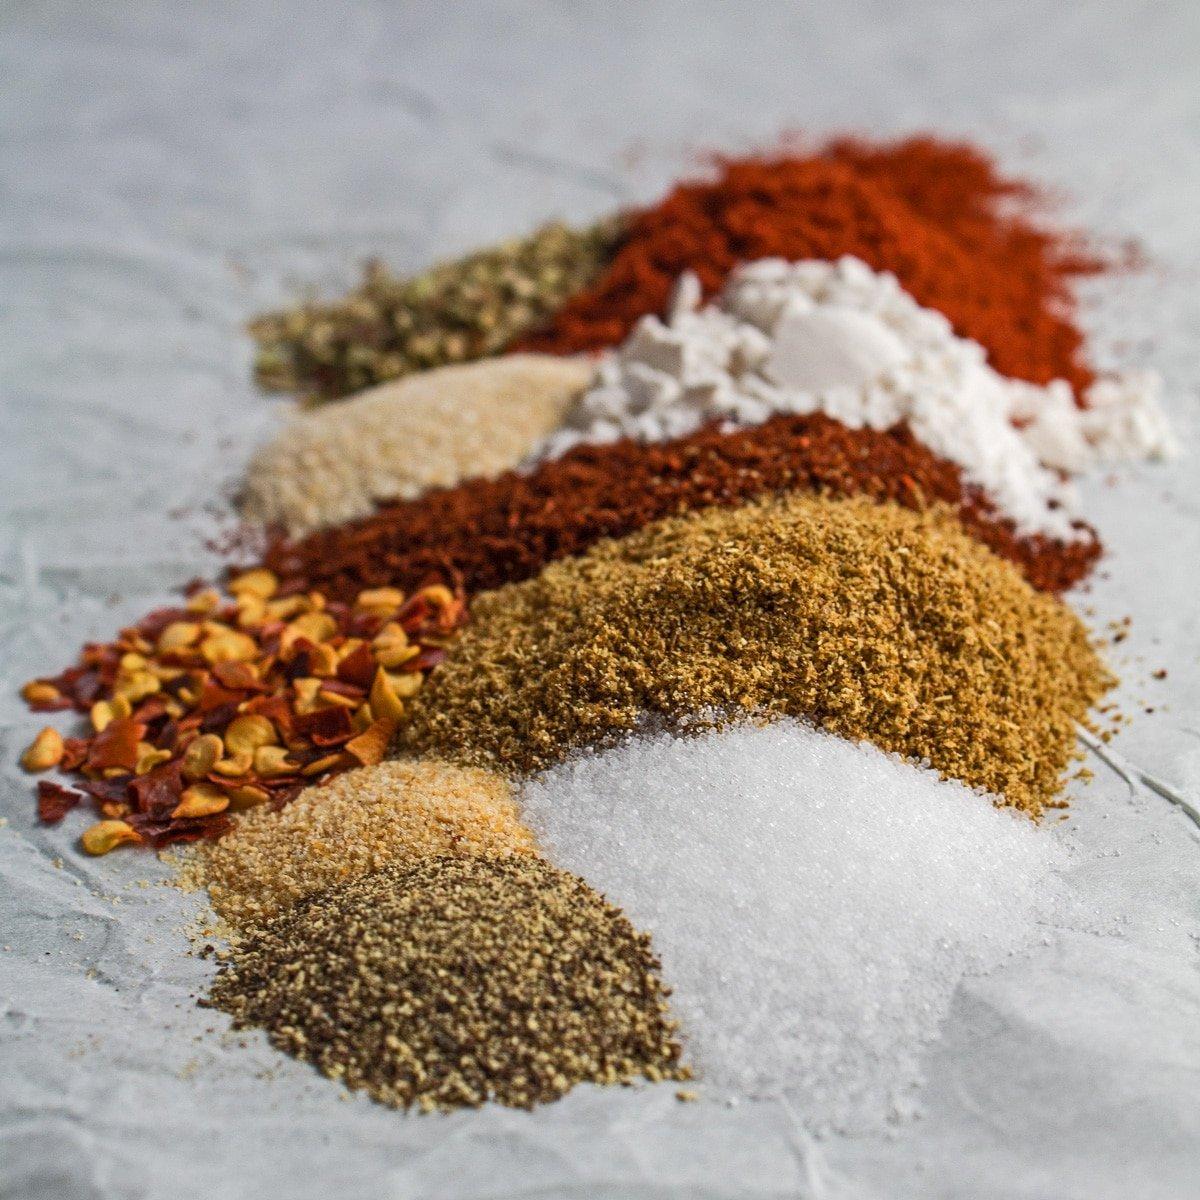 Semua bahan yang anda perlukan untuk membuat campuran perasa taco buatan sendiri.